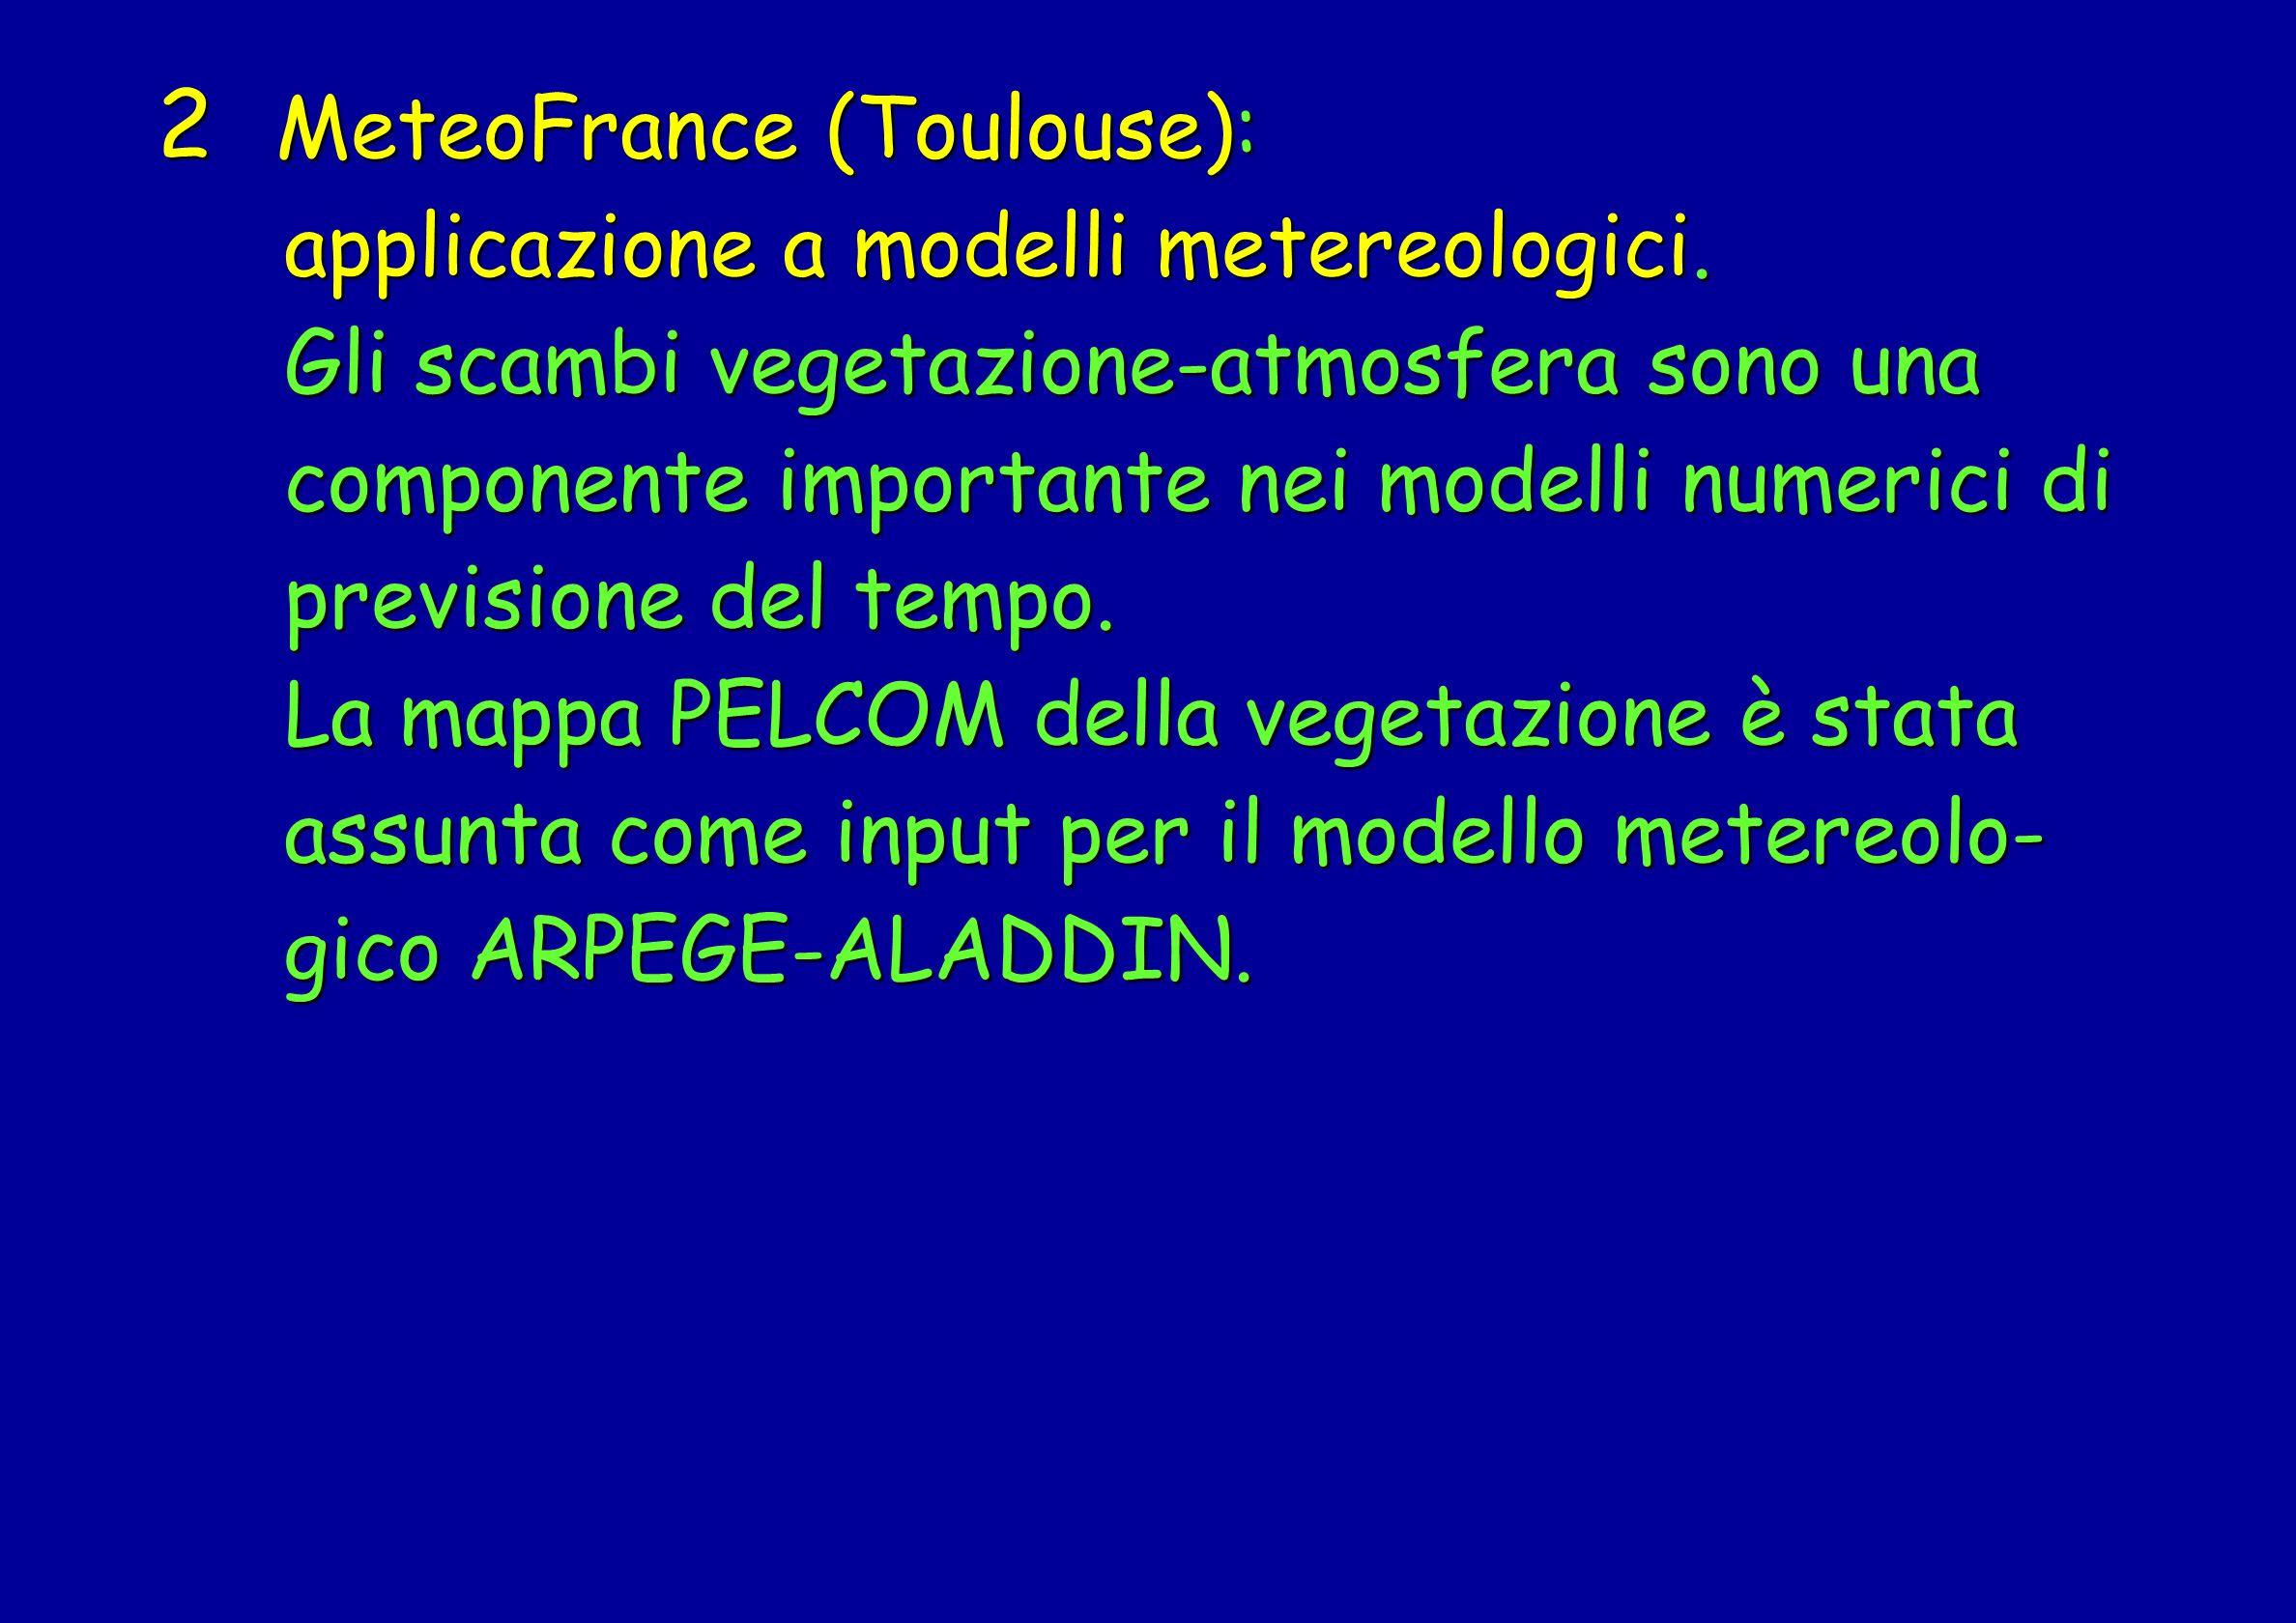 2 MeteoFrance (Toulouse): applicazione a modelli metereologici. applicazione a modelli metereologici. Gli scambi vegetazione-atmosfera sono una Gli sc